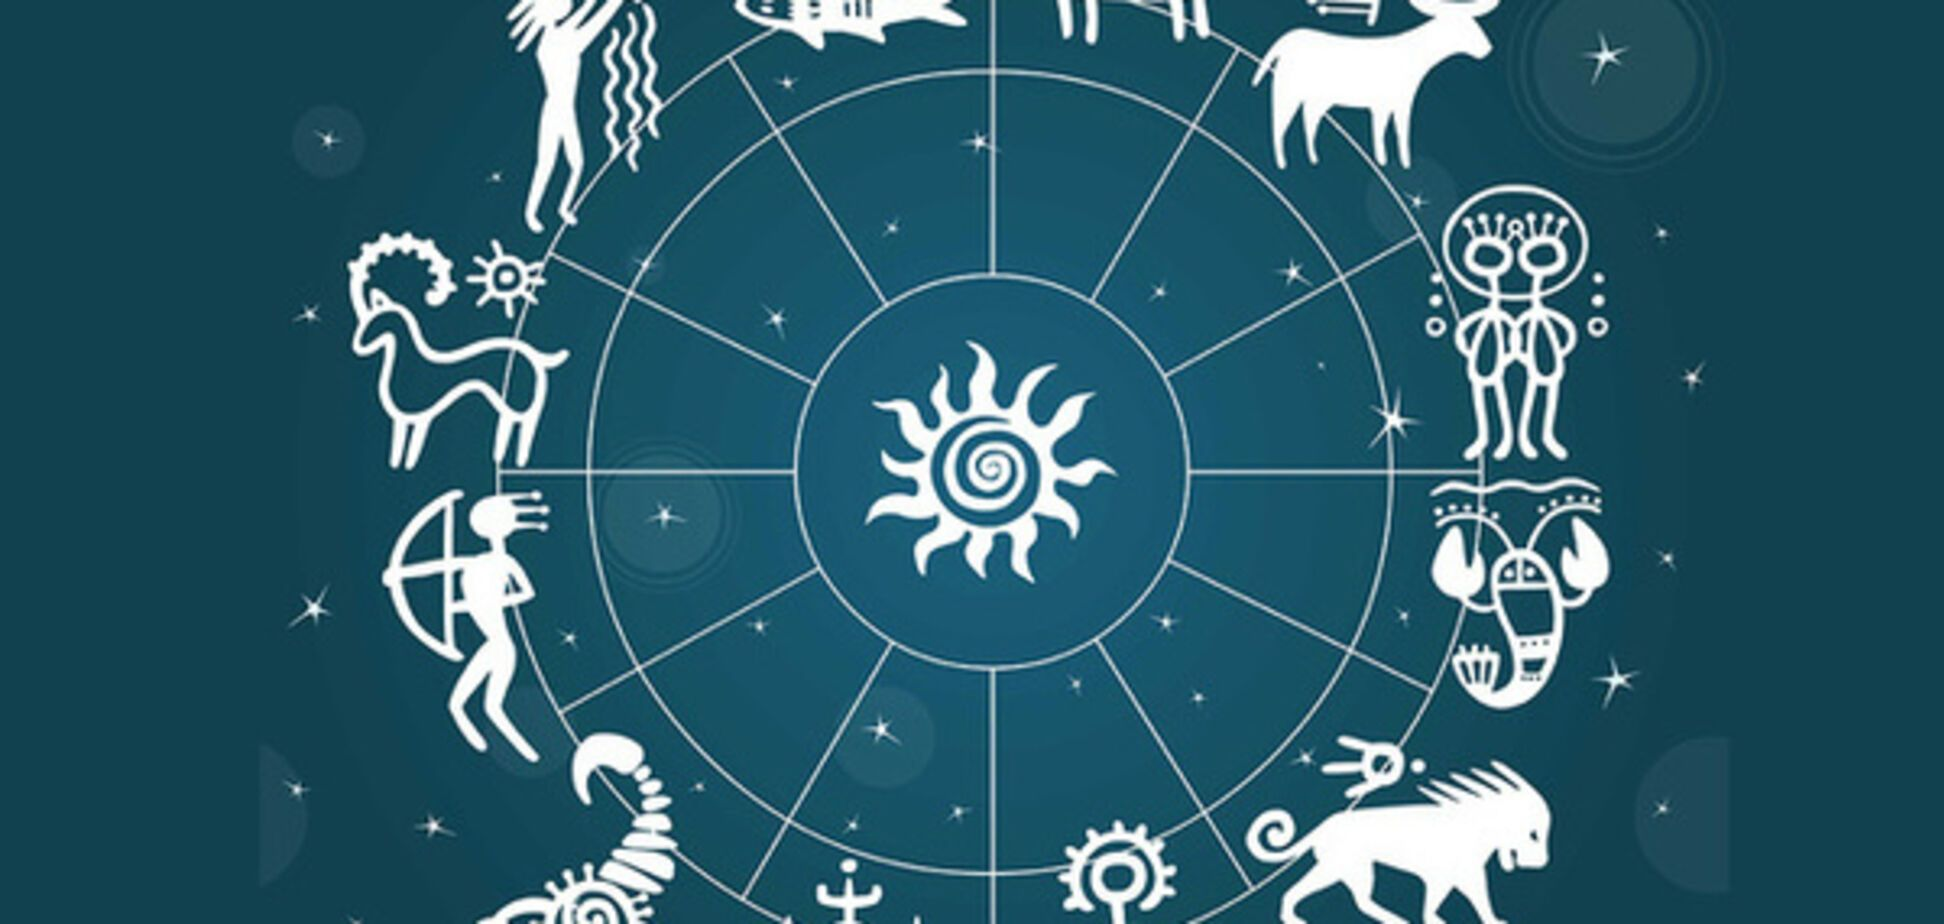 Гороскоп на 5 августа 2018: что приготовили звезды